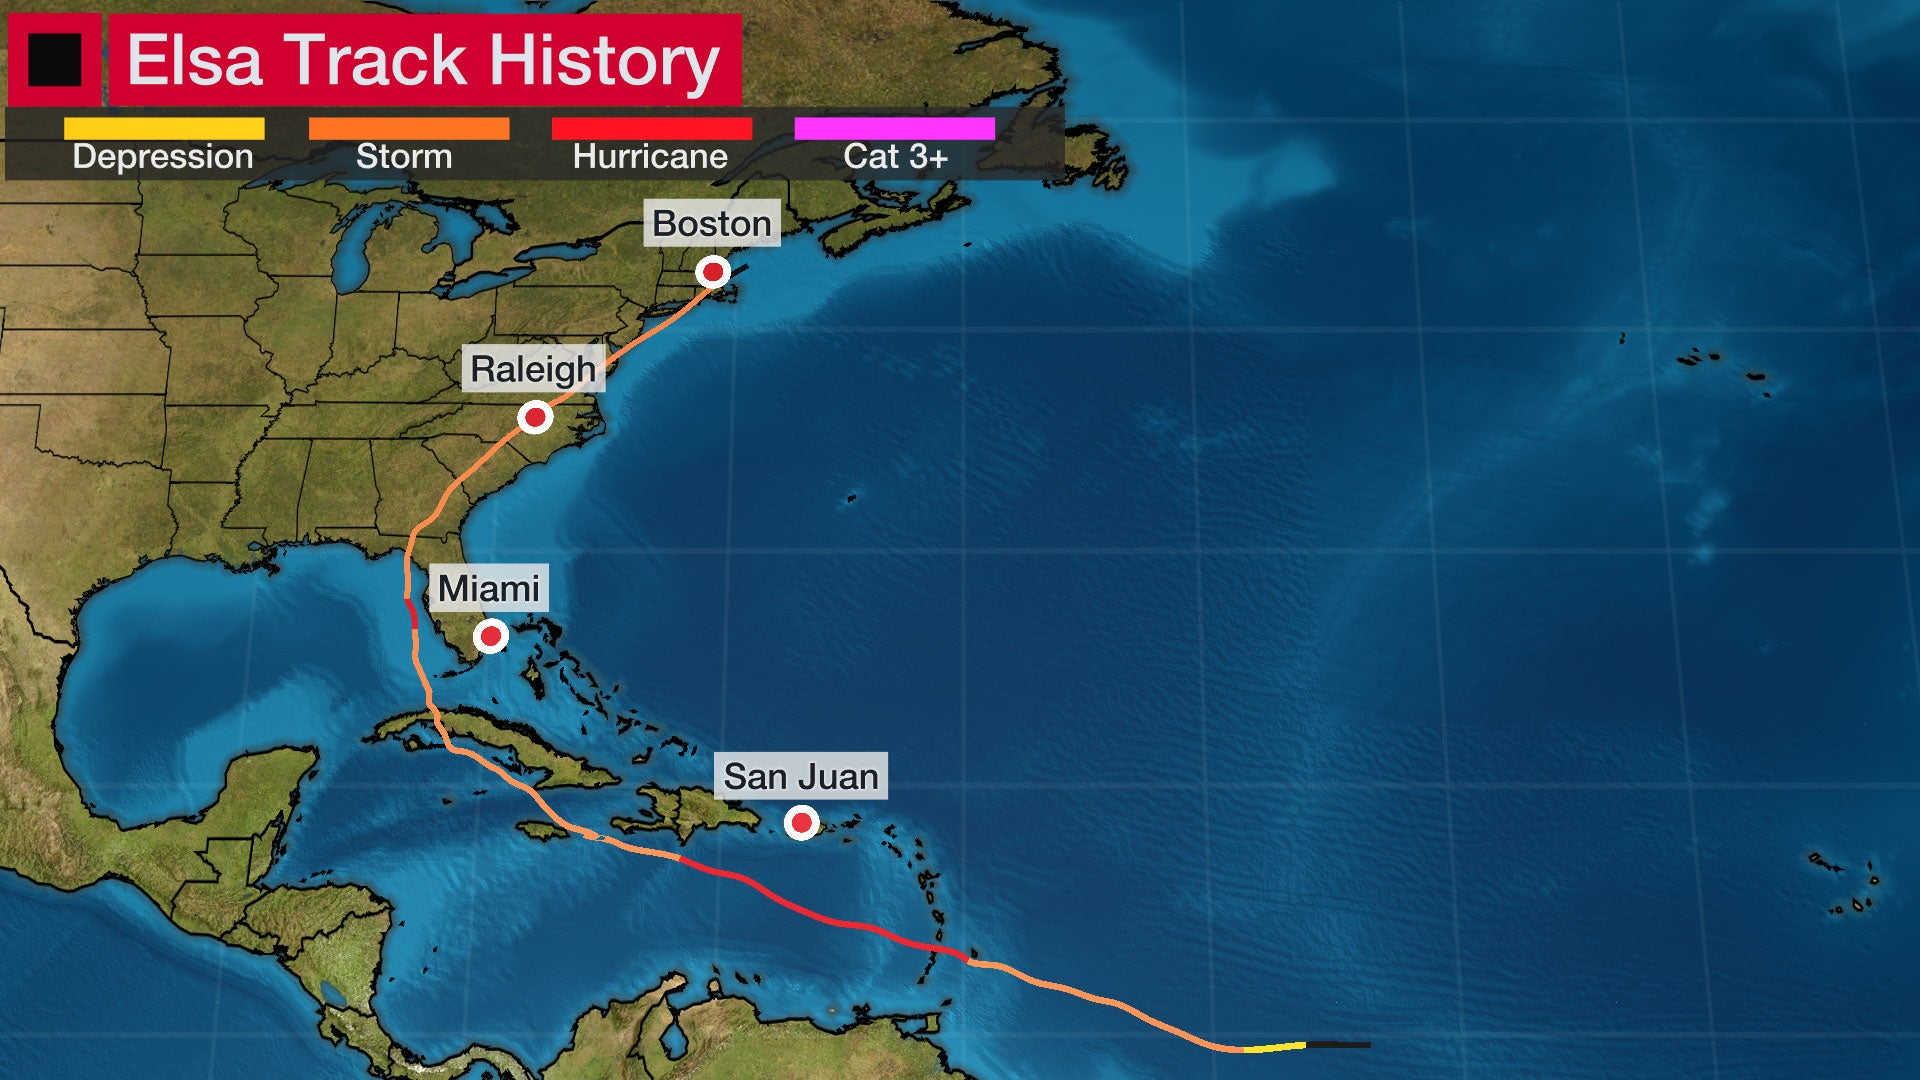 elsa_track_hurricane